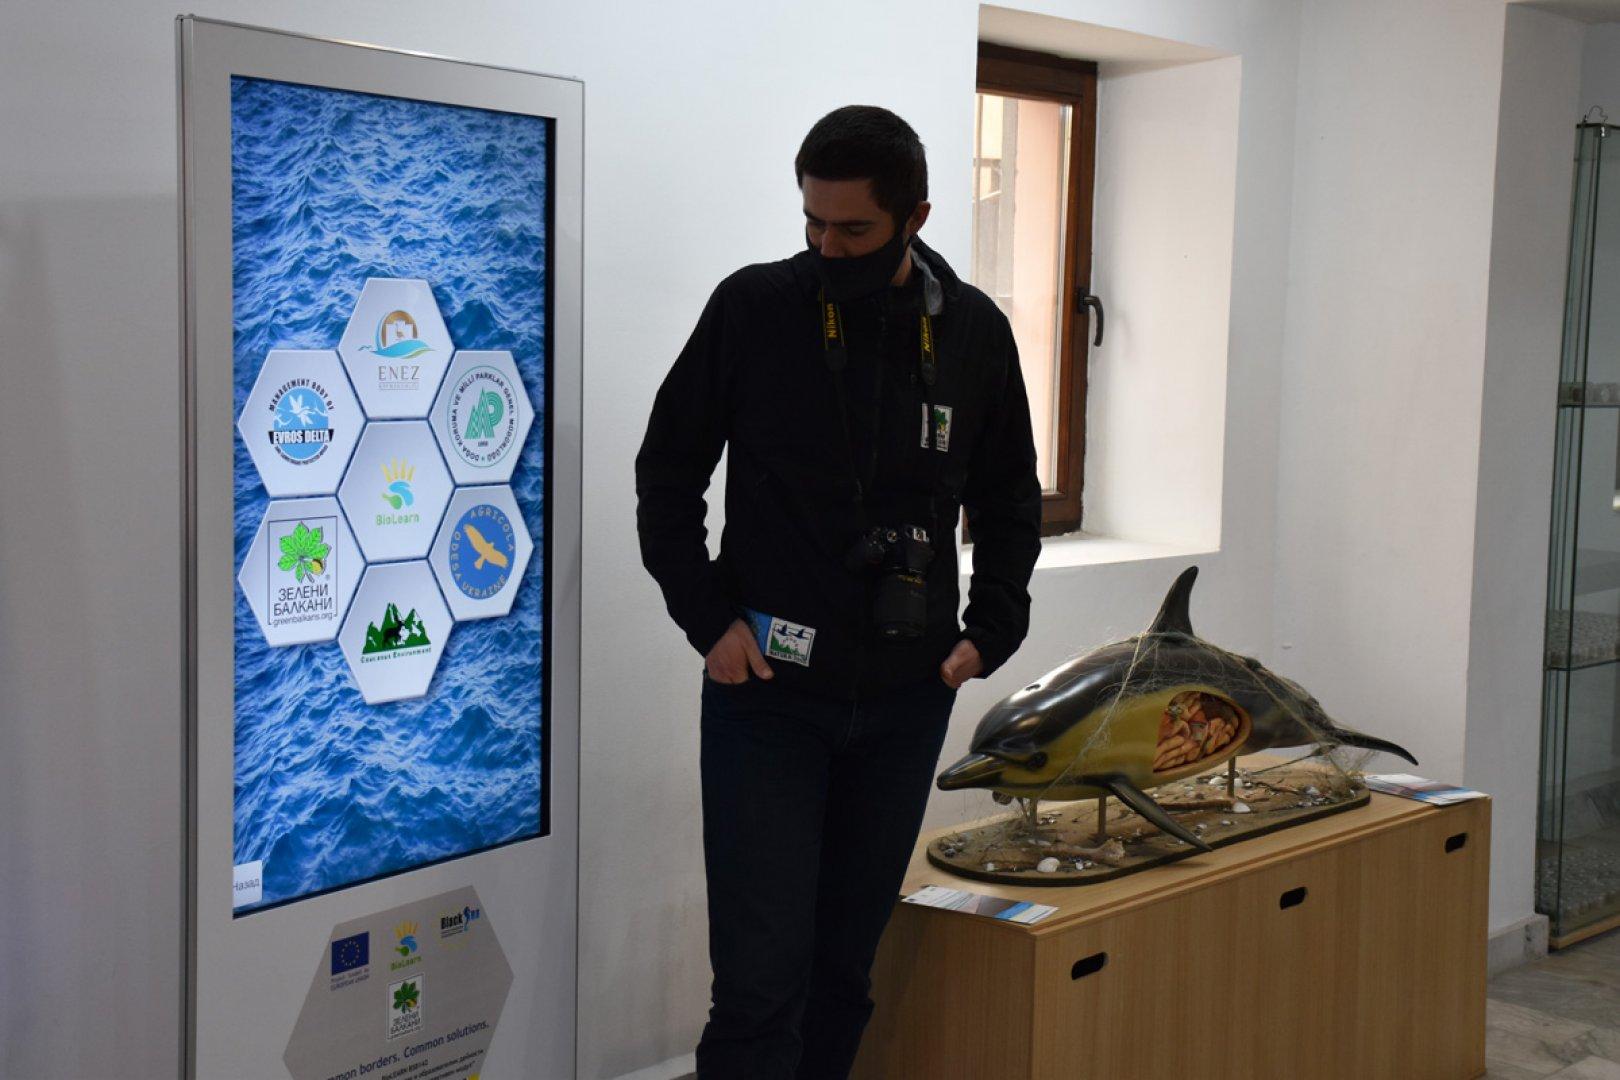 Информационният киоск е в Природонаучната експозиция на РИМ Бургас. Снимки РИМ - Бургас